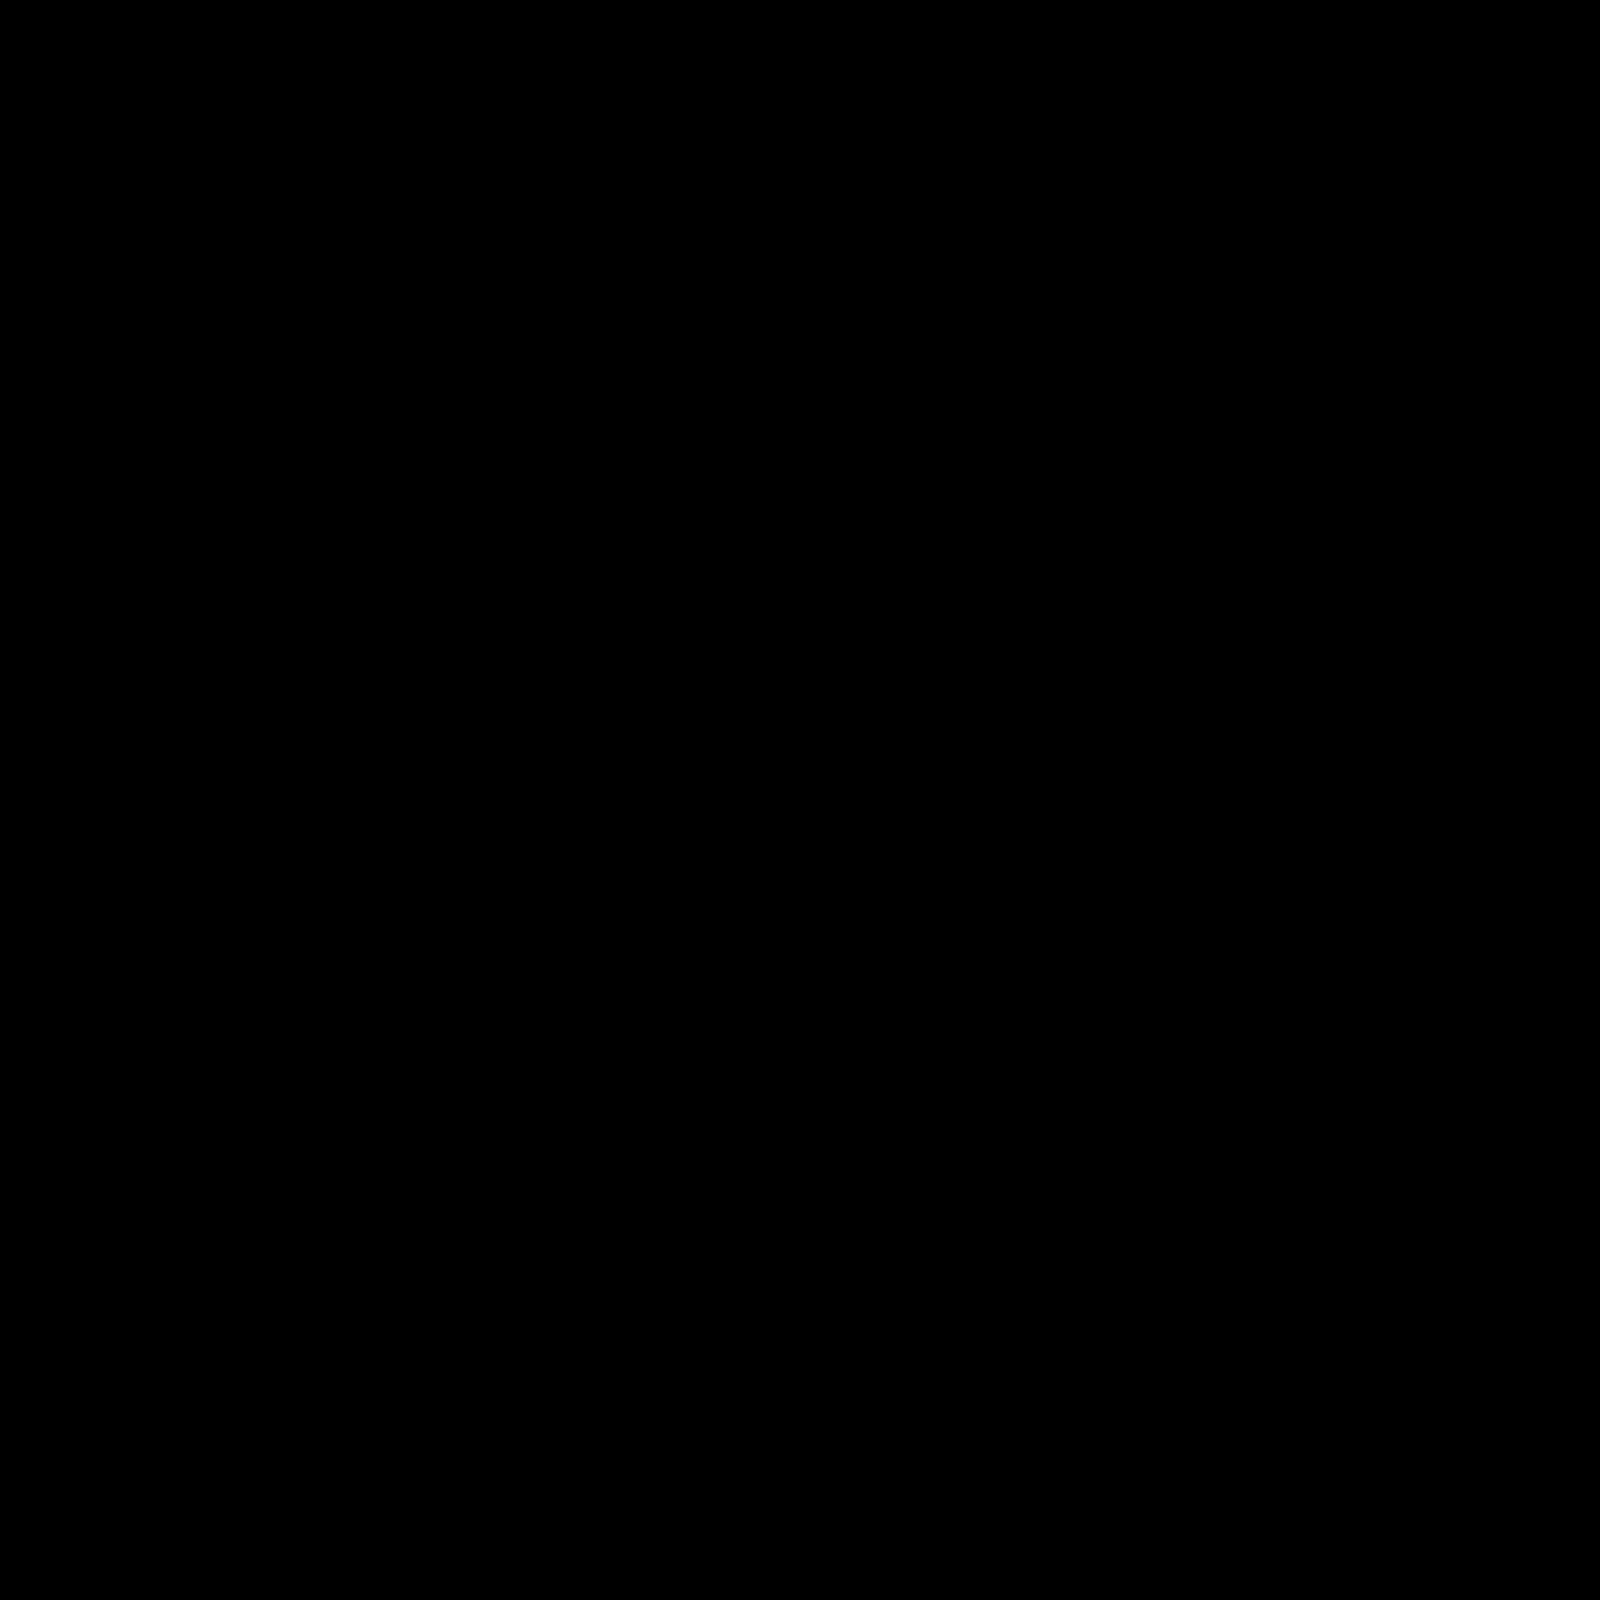 Cerchiato 8 C icon